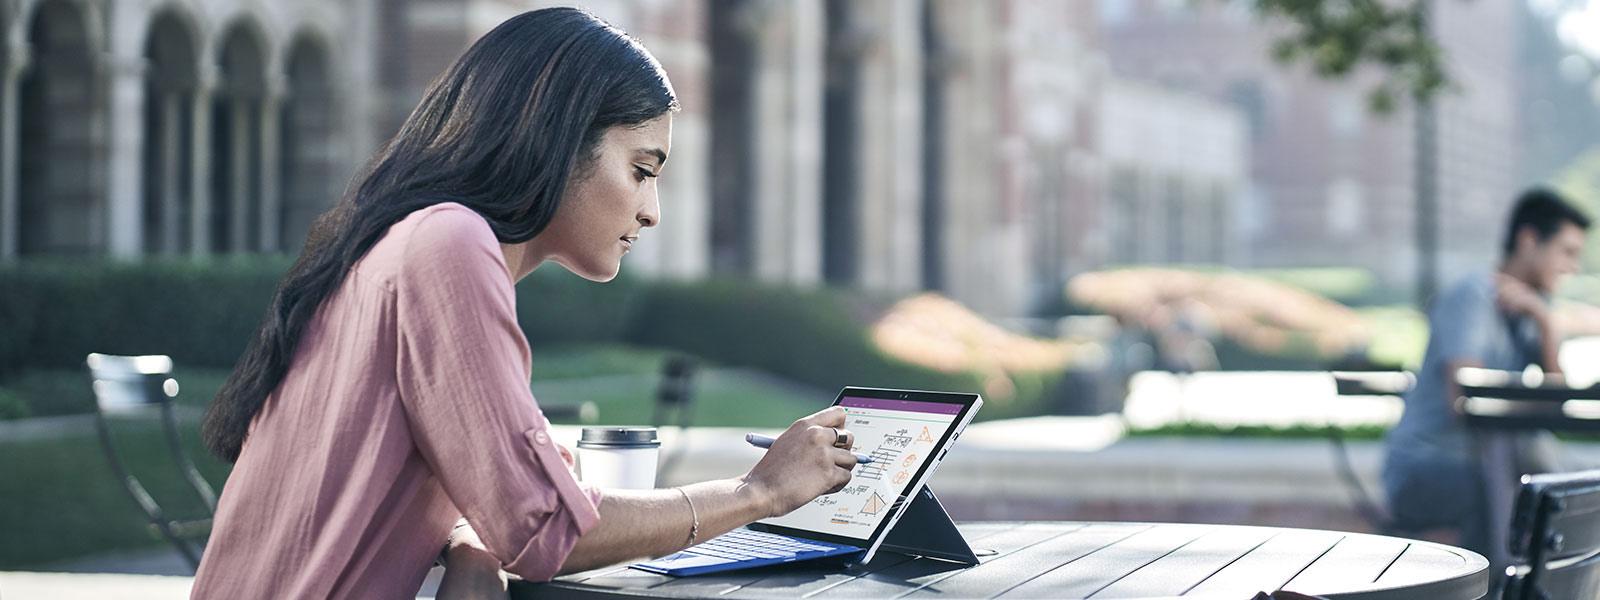 Frau, die die Zoomfunktion des Surface Studio mit Stift und Touchfunktion verwendet.